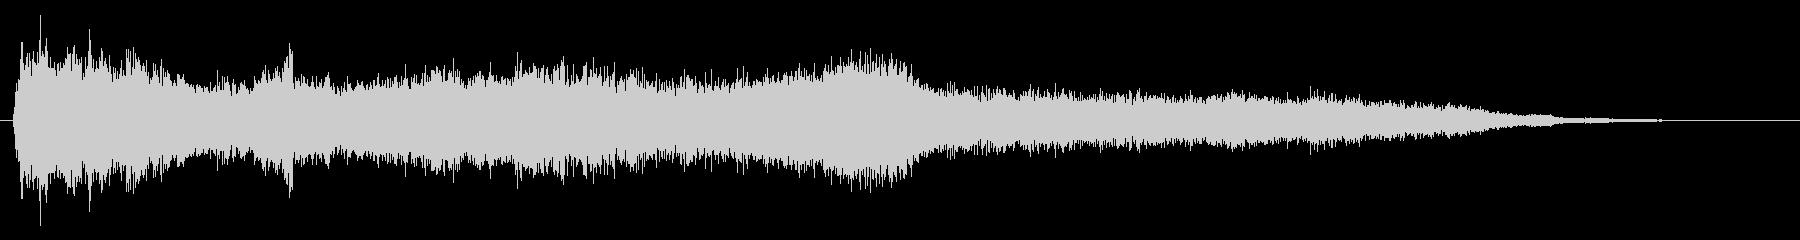 ホラー映画に出てきそうなノイズ系音源01の未再生の波形